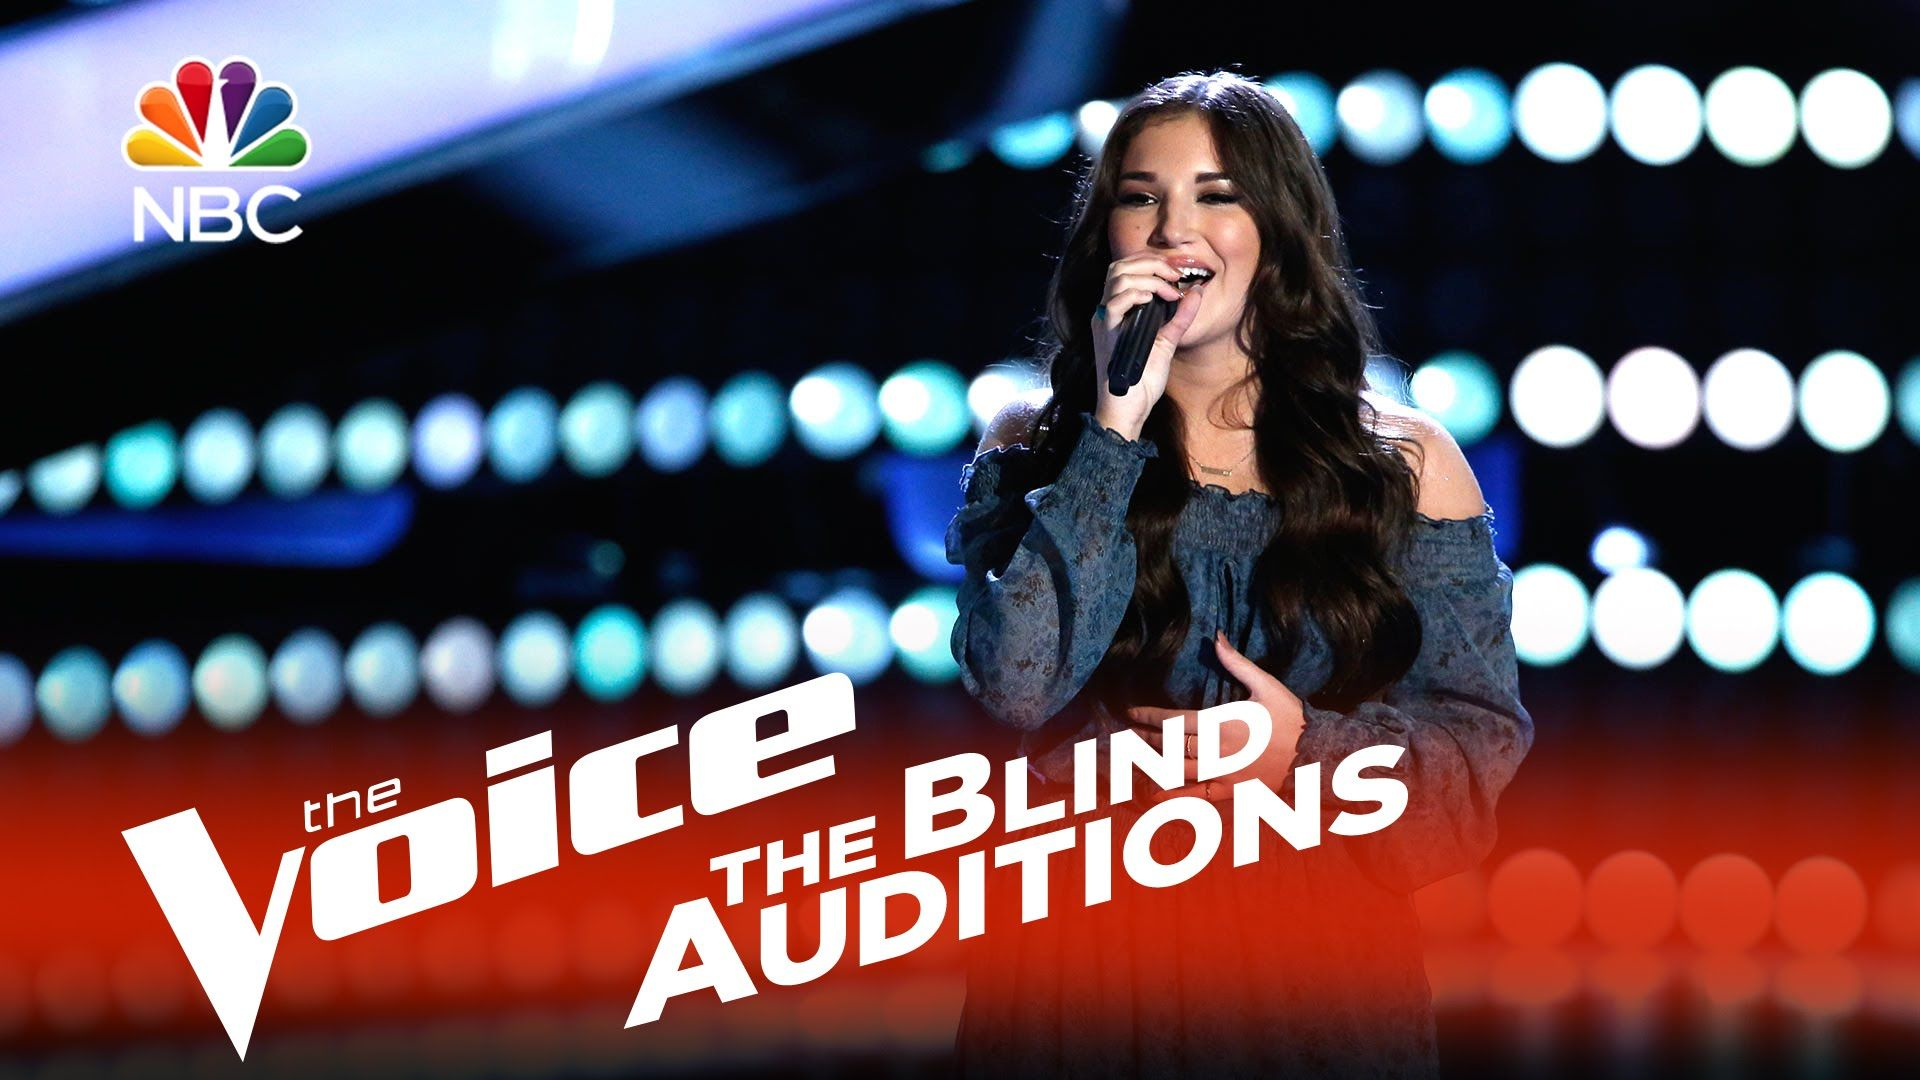 The Voice 2015 Blind Audition - Deanna Johnson: